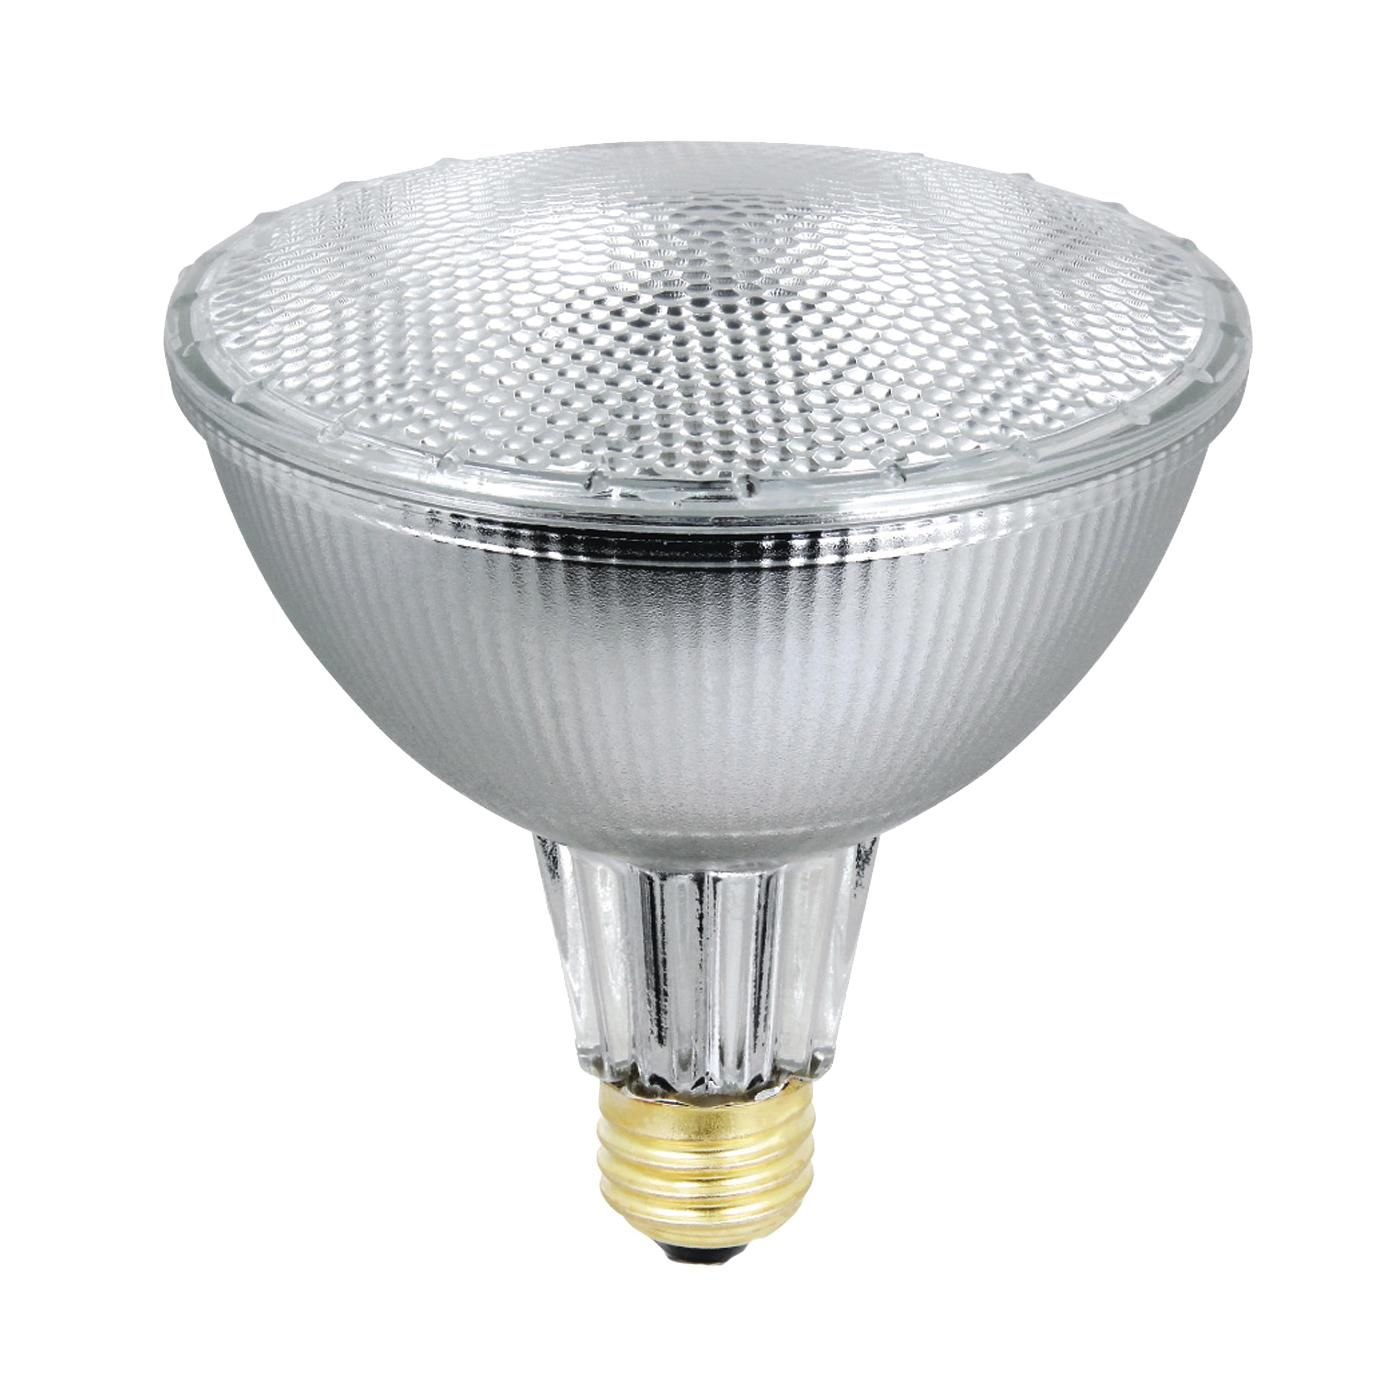 Picture of Feit Electric 55PAR38/QFL/ES/2 Halogen Lamp, 56 W, Medium E26 Lamp Base, PAR38 Lamp, Soft White Light, 980 Lumens